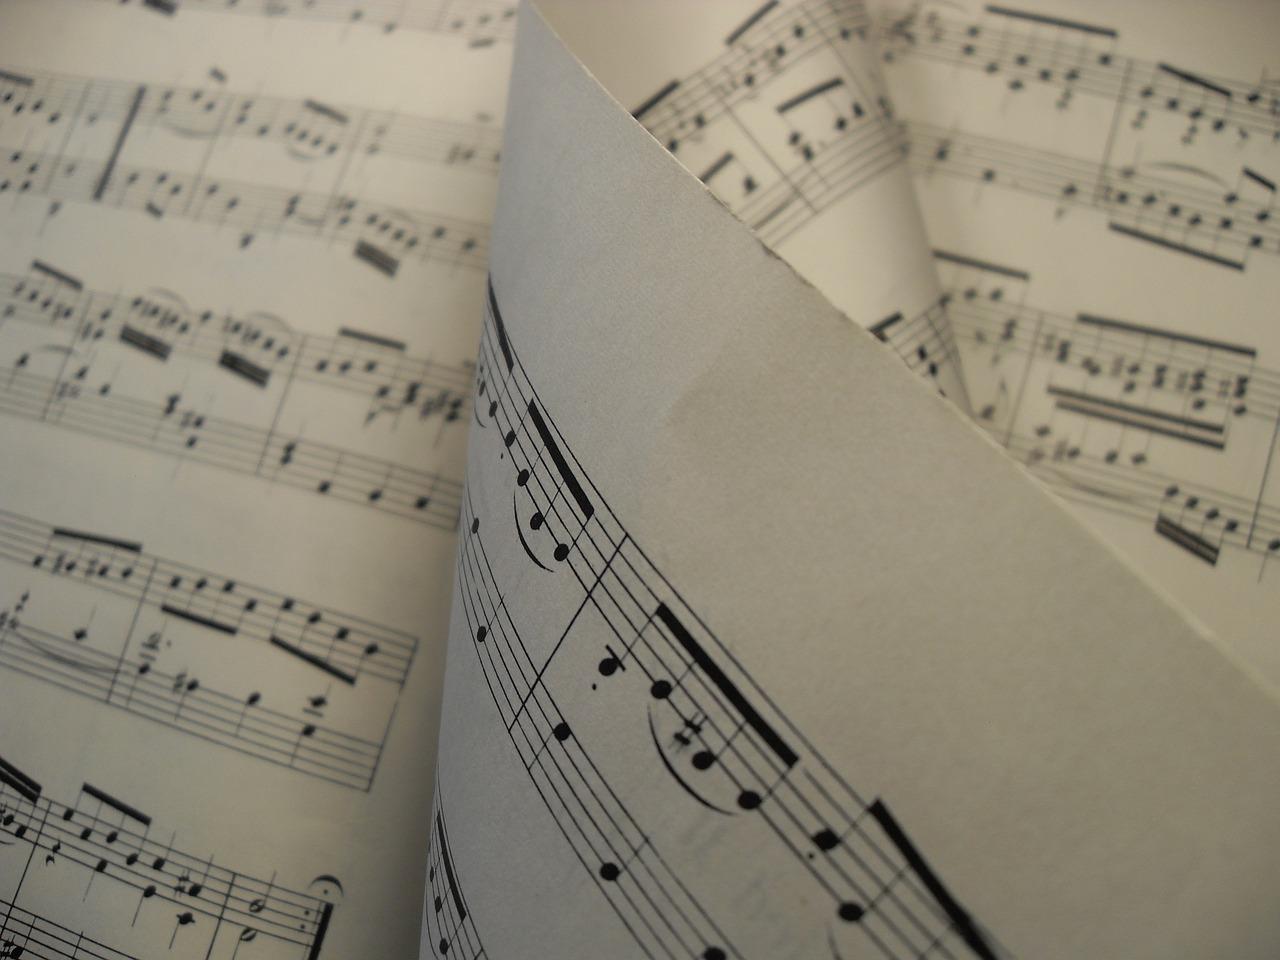 Fiddle Sheet Music